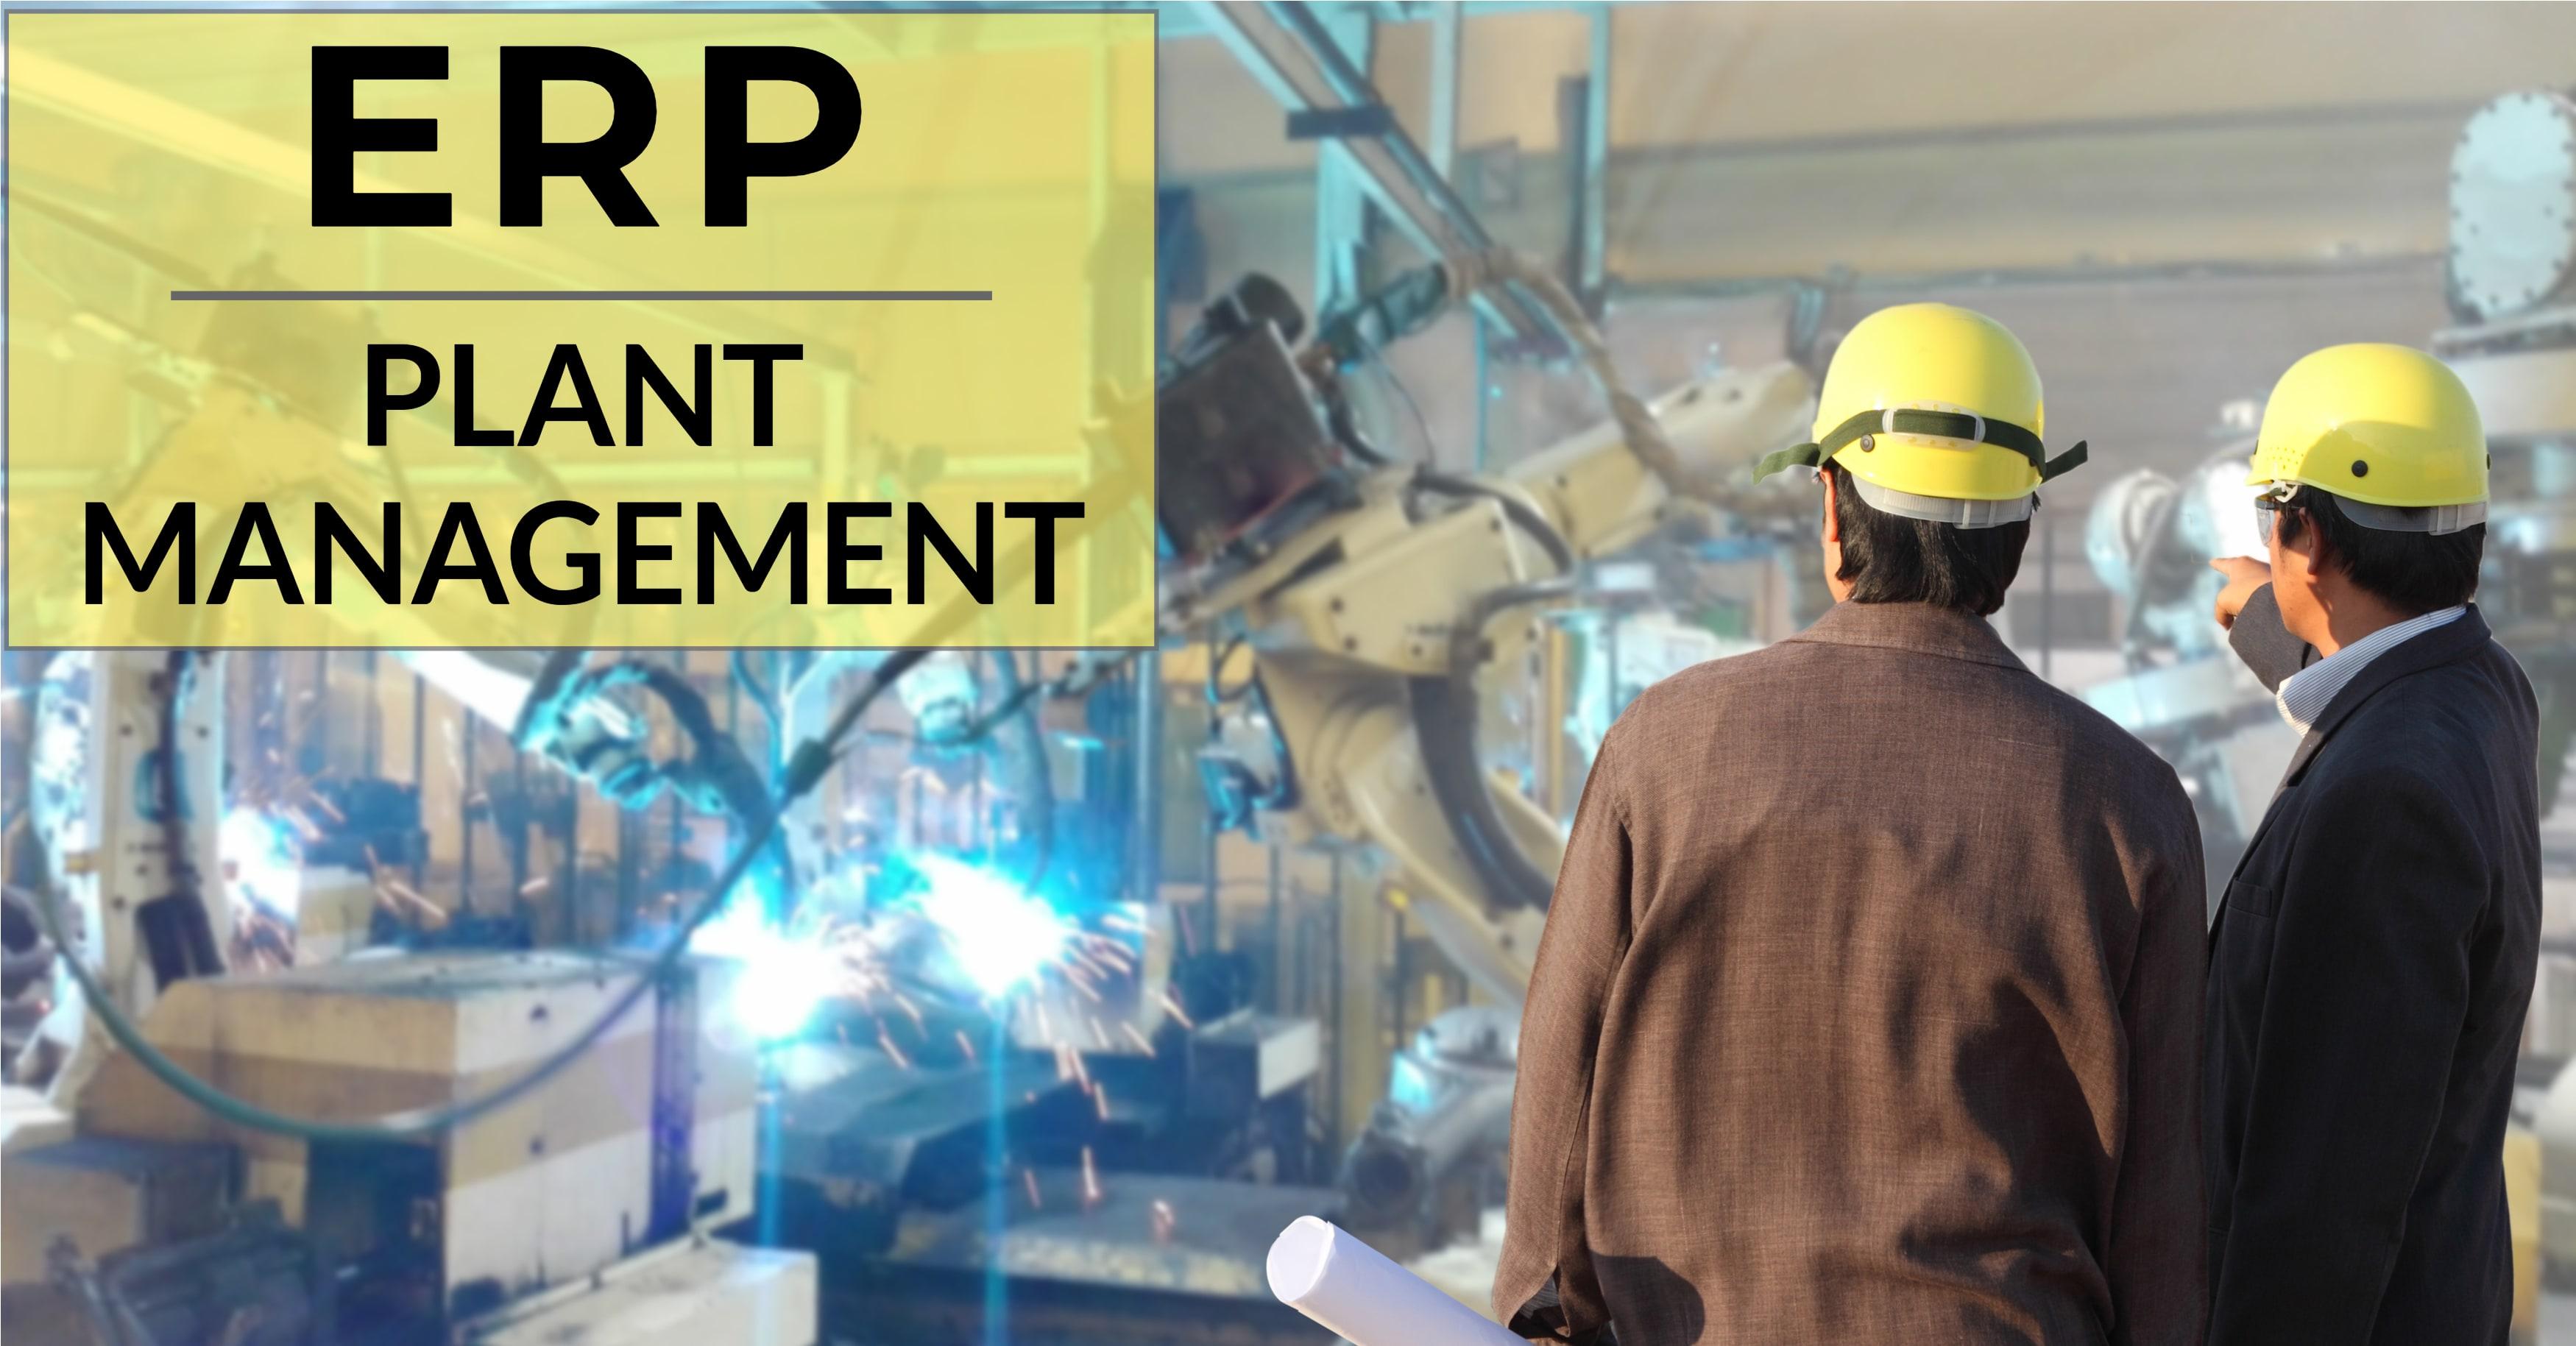 ERP Plant Management